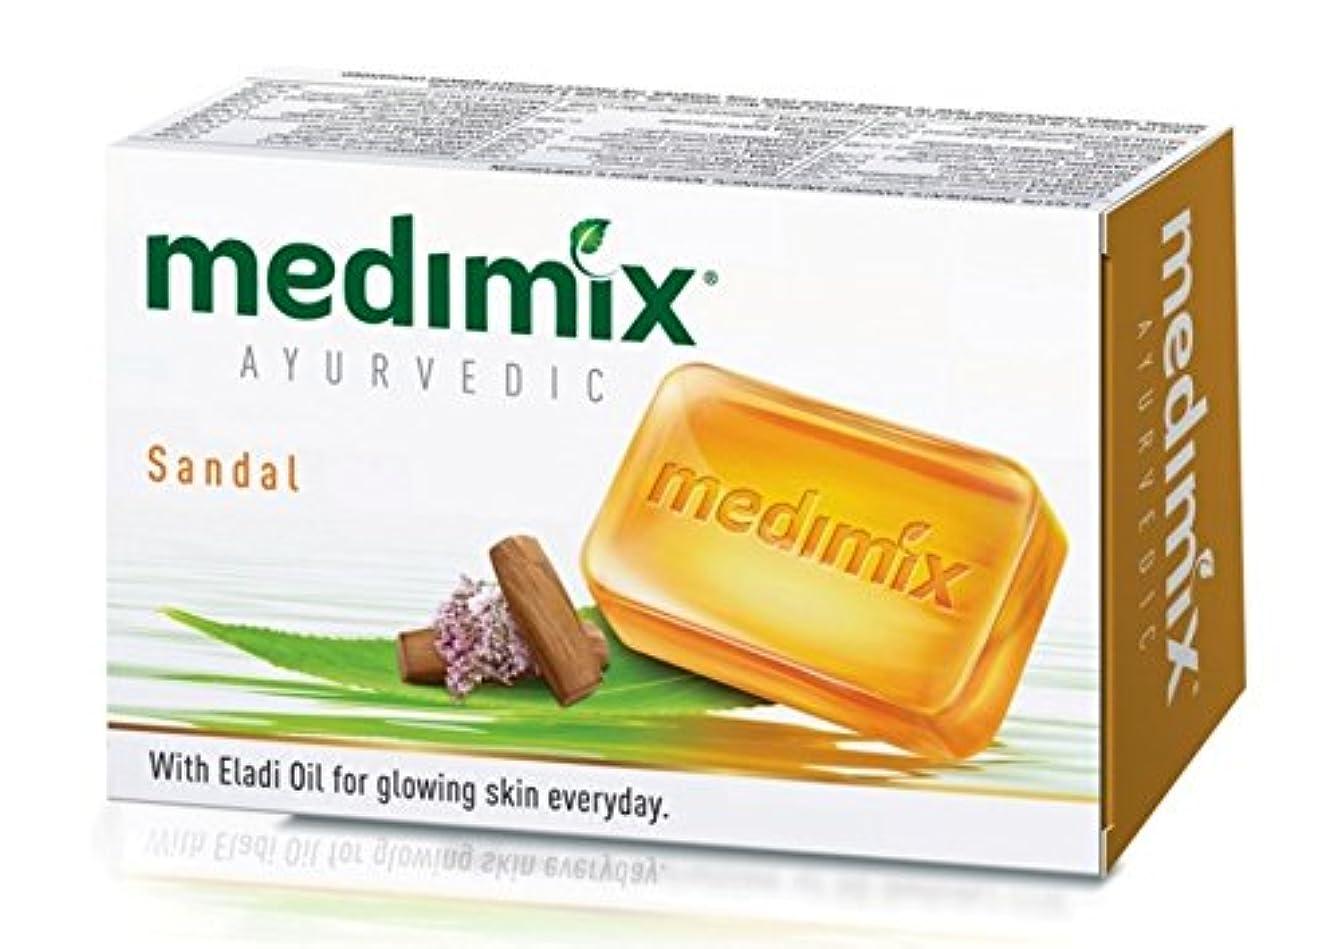 カプラーリベラル胚【medimix国内正規品】メディミックス Sandal ハーブから作られたオーガニック石鹸